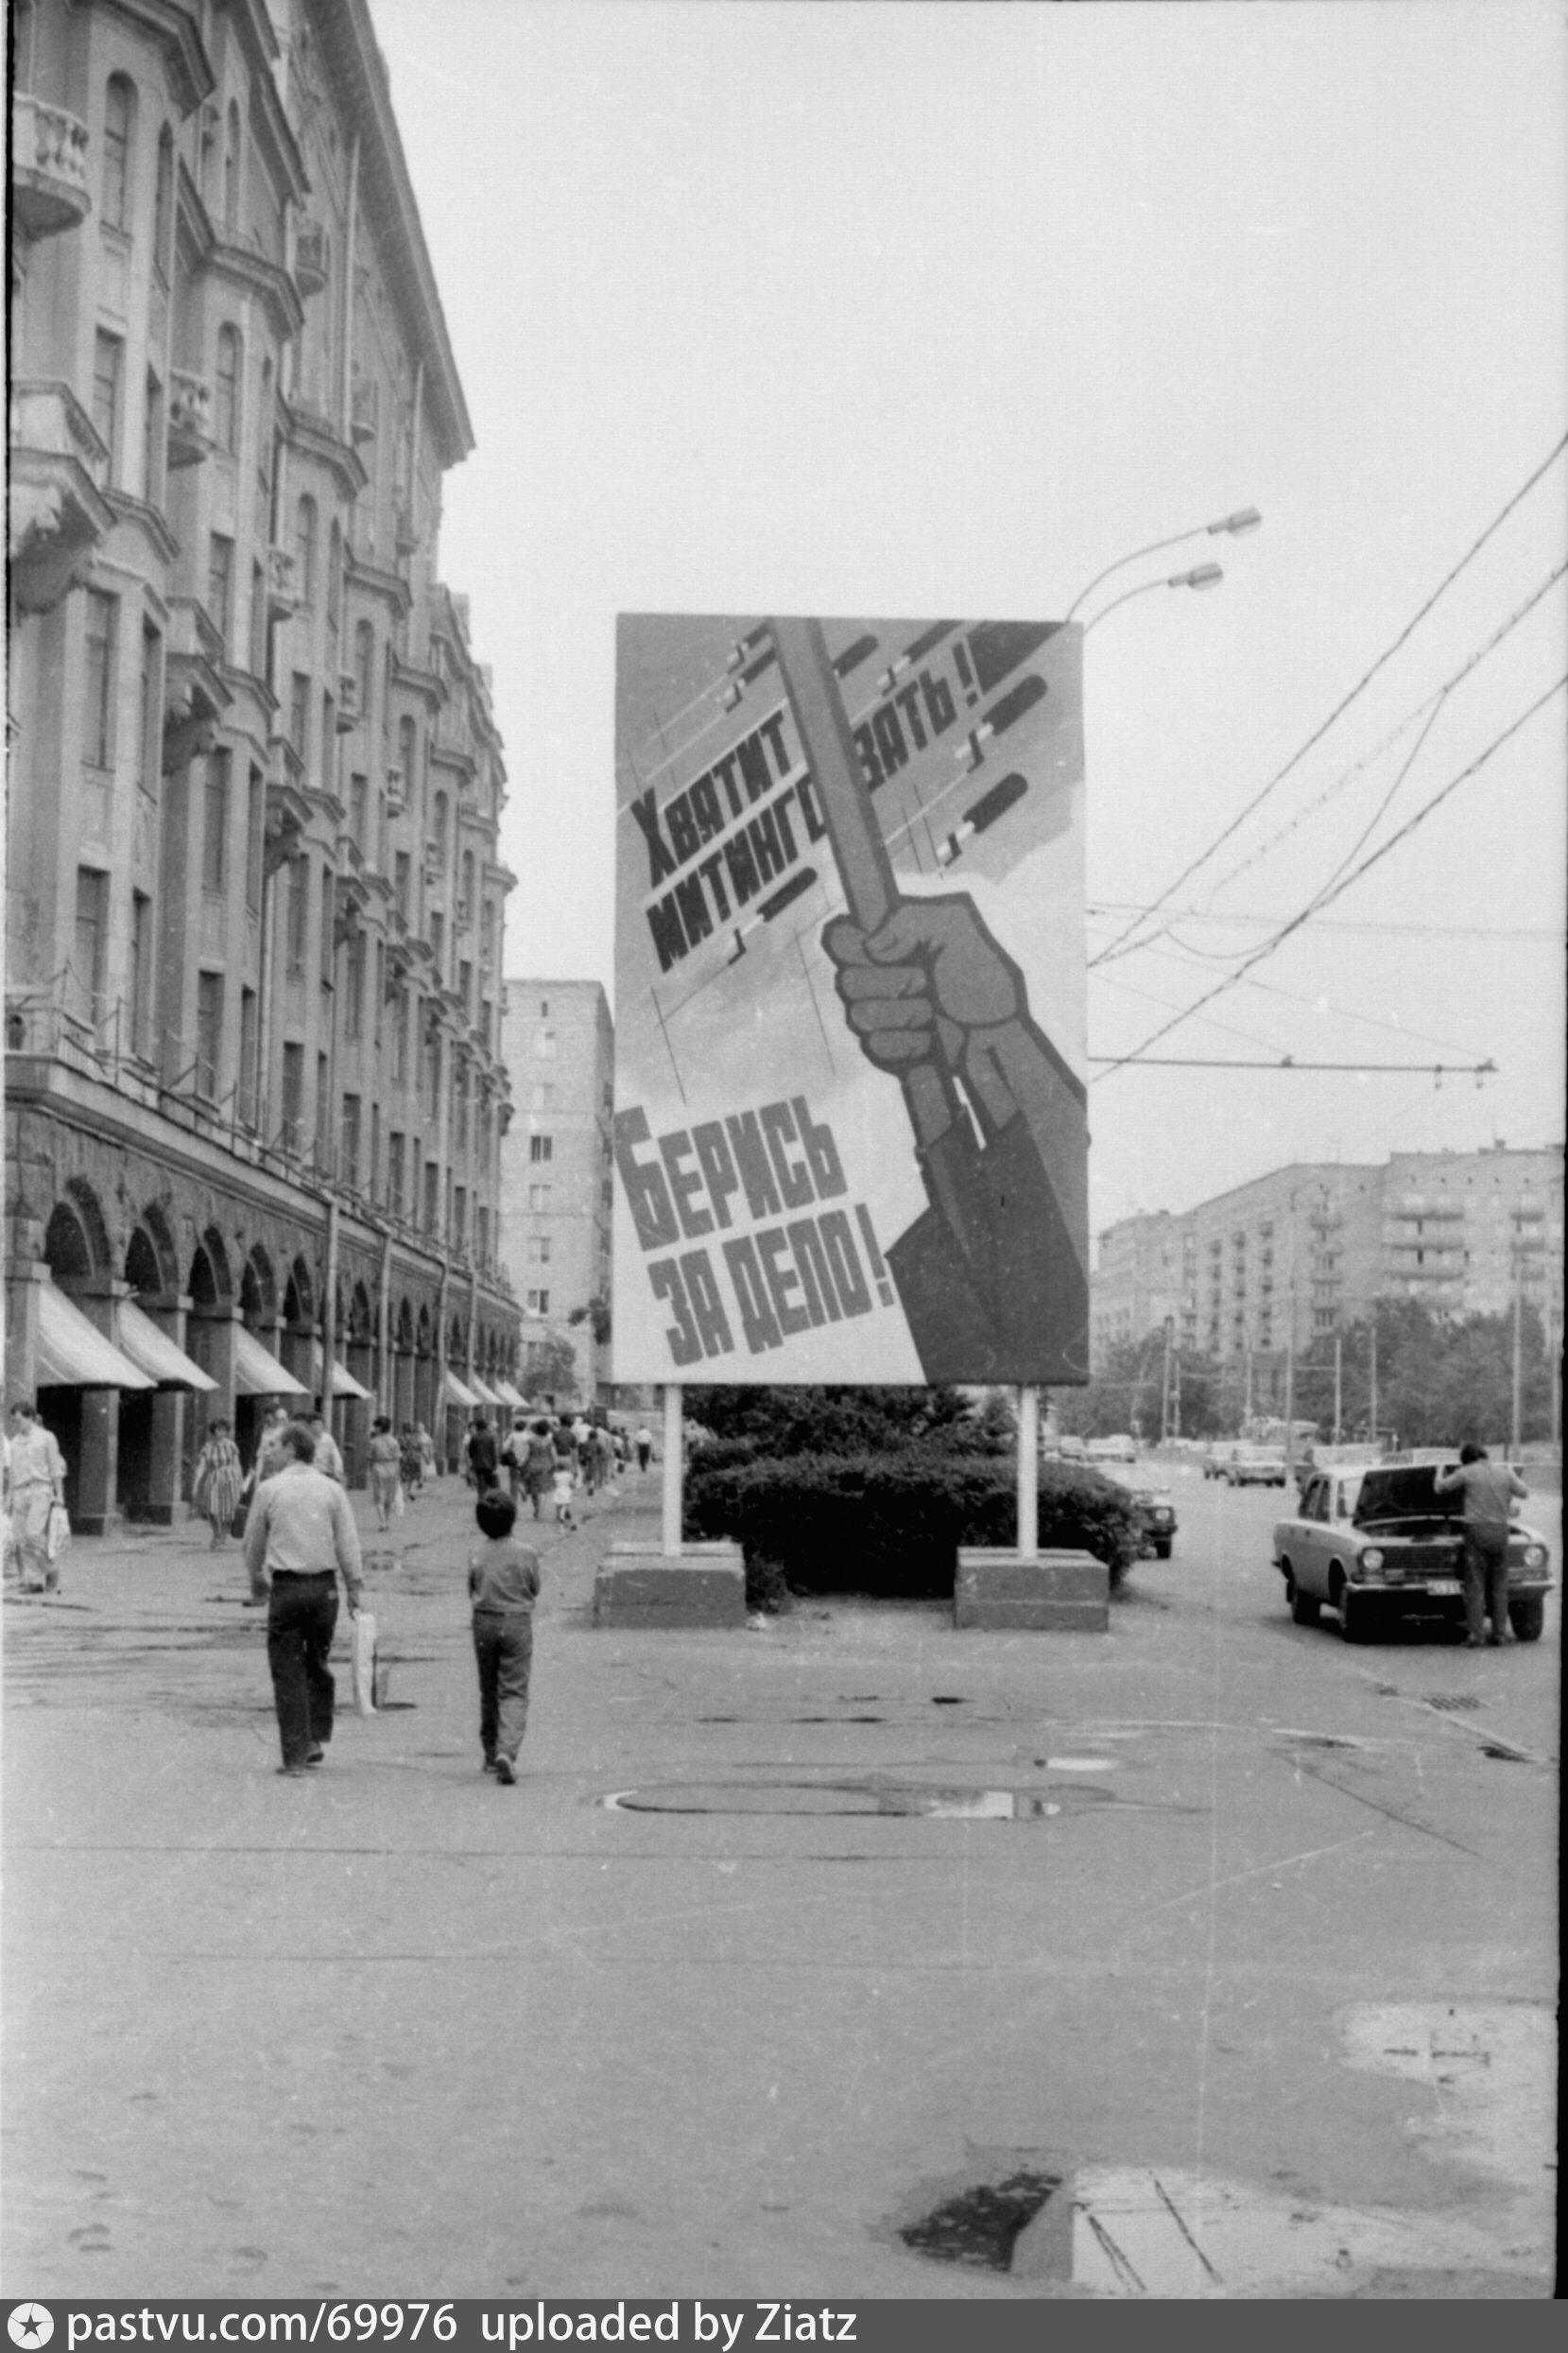 Постеры на кутузовском проспекте еще были